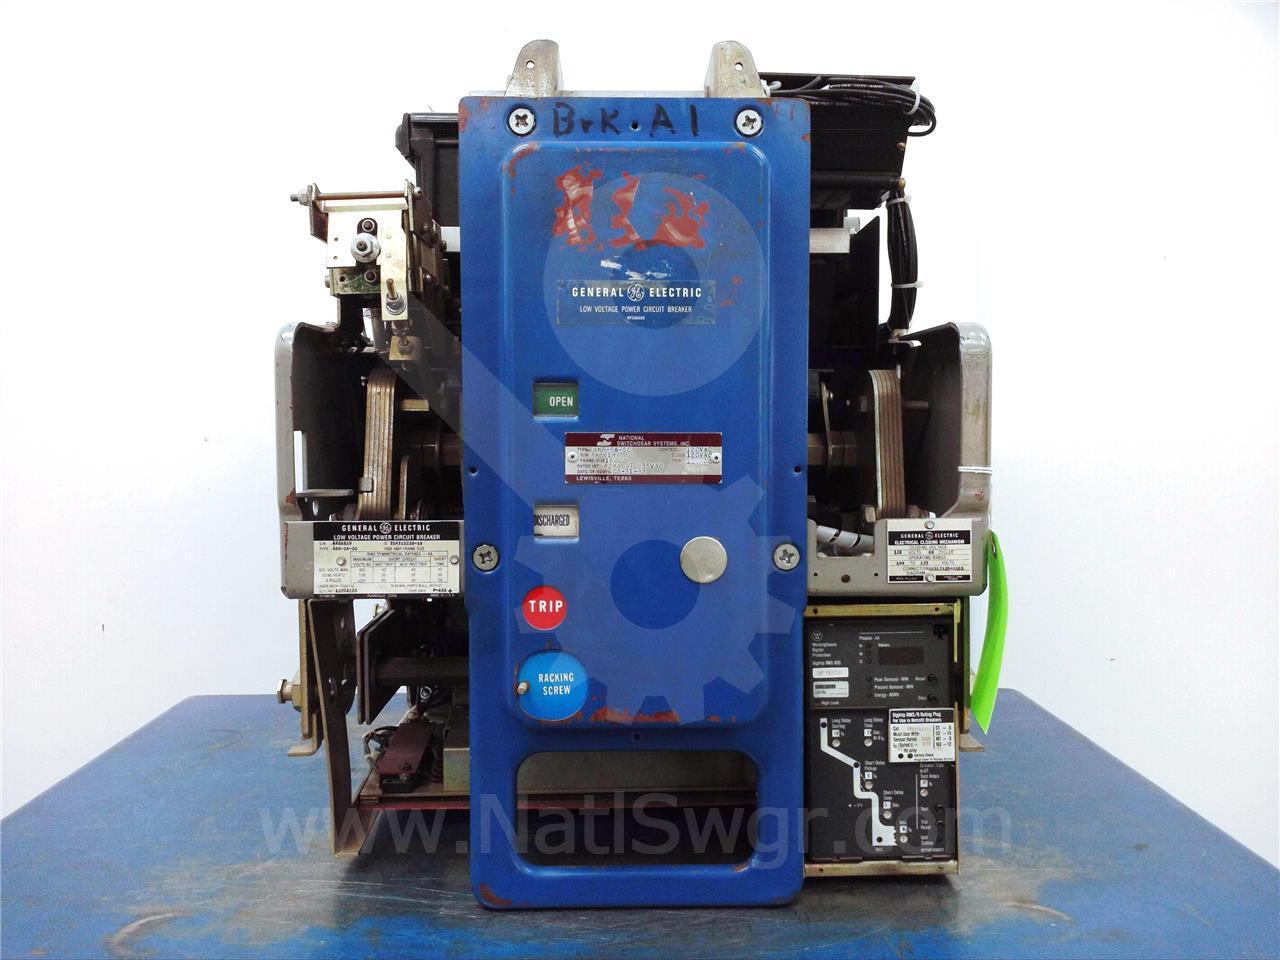 AKR-_A-50 AKR-NA-50 1600A GE / General Electric EO/DO